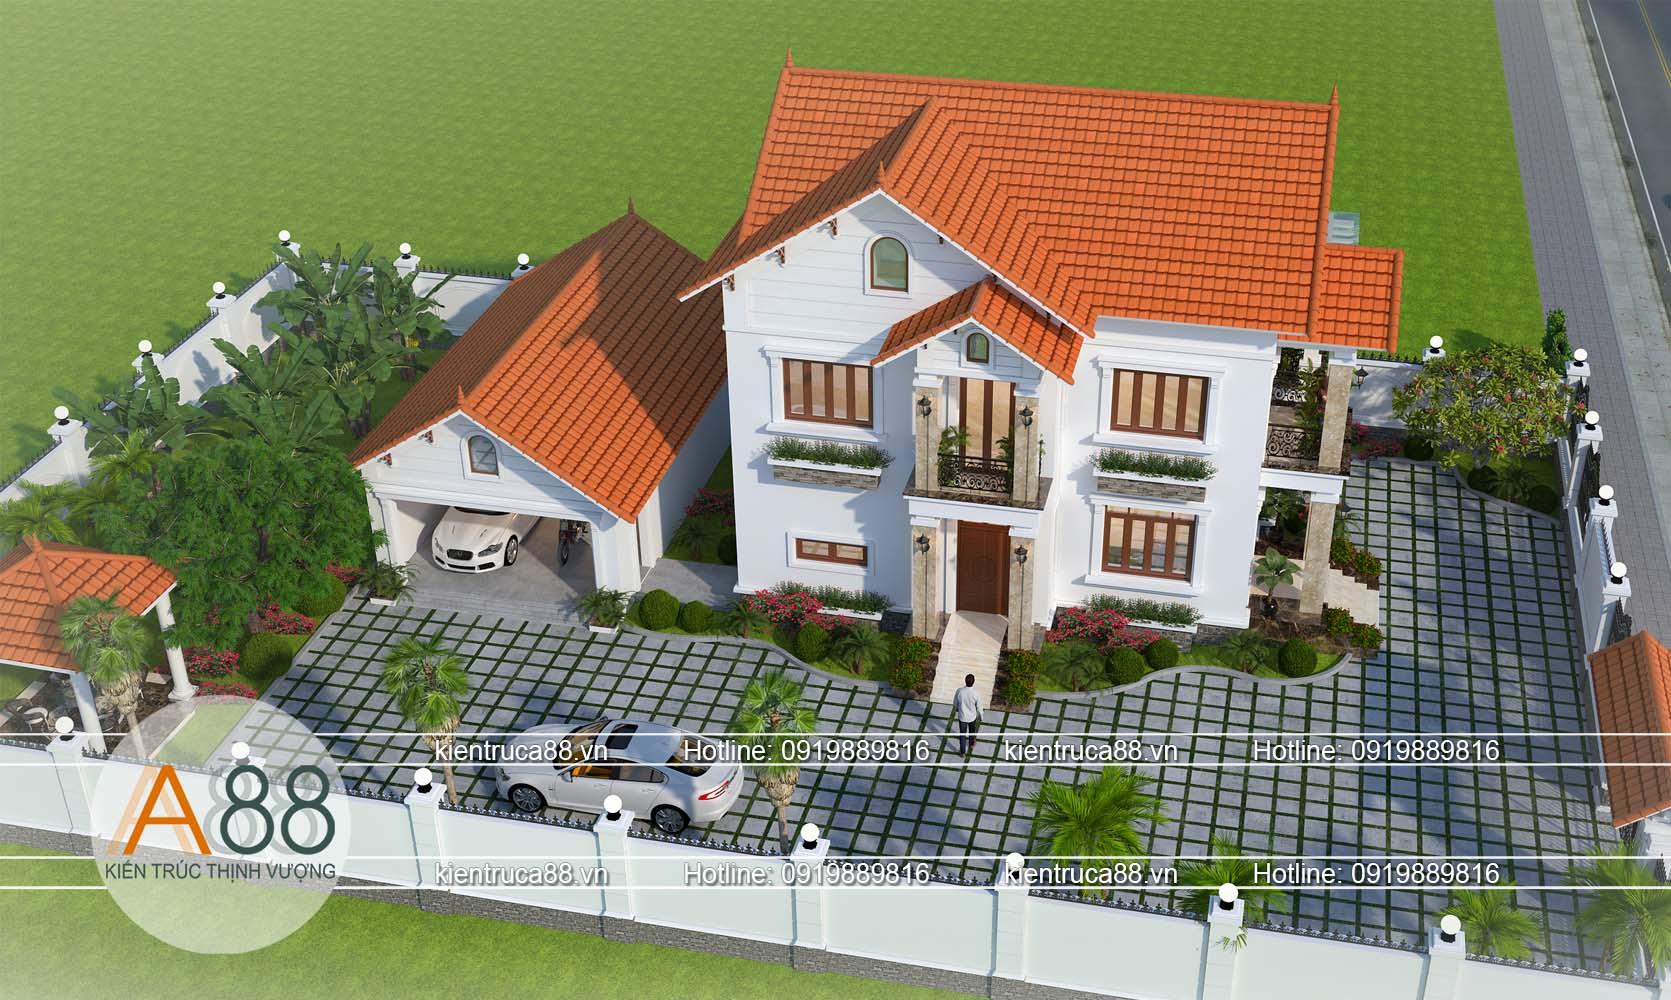 Tổng thể căn biệt thự 2 tầng hiện đại tại Bắc Giang